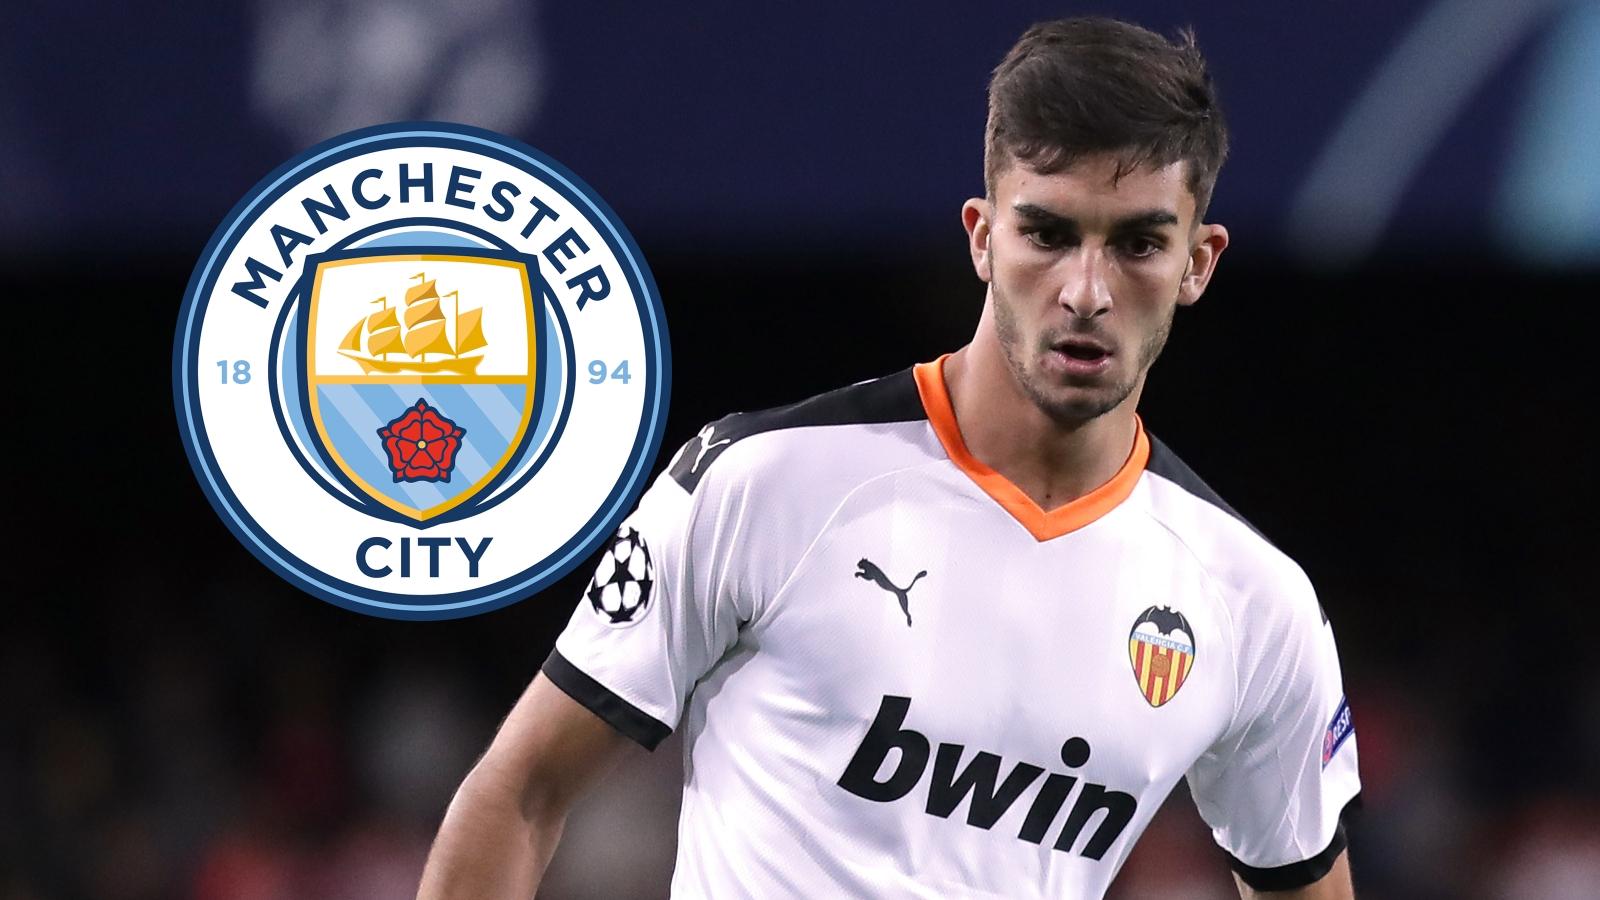 OFFICIEL - Ferran Torres (Valence) s'est engagé à Manchester City